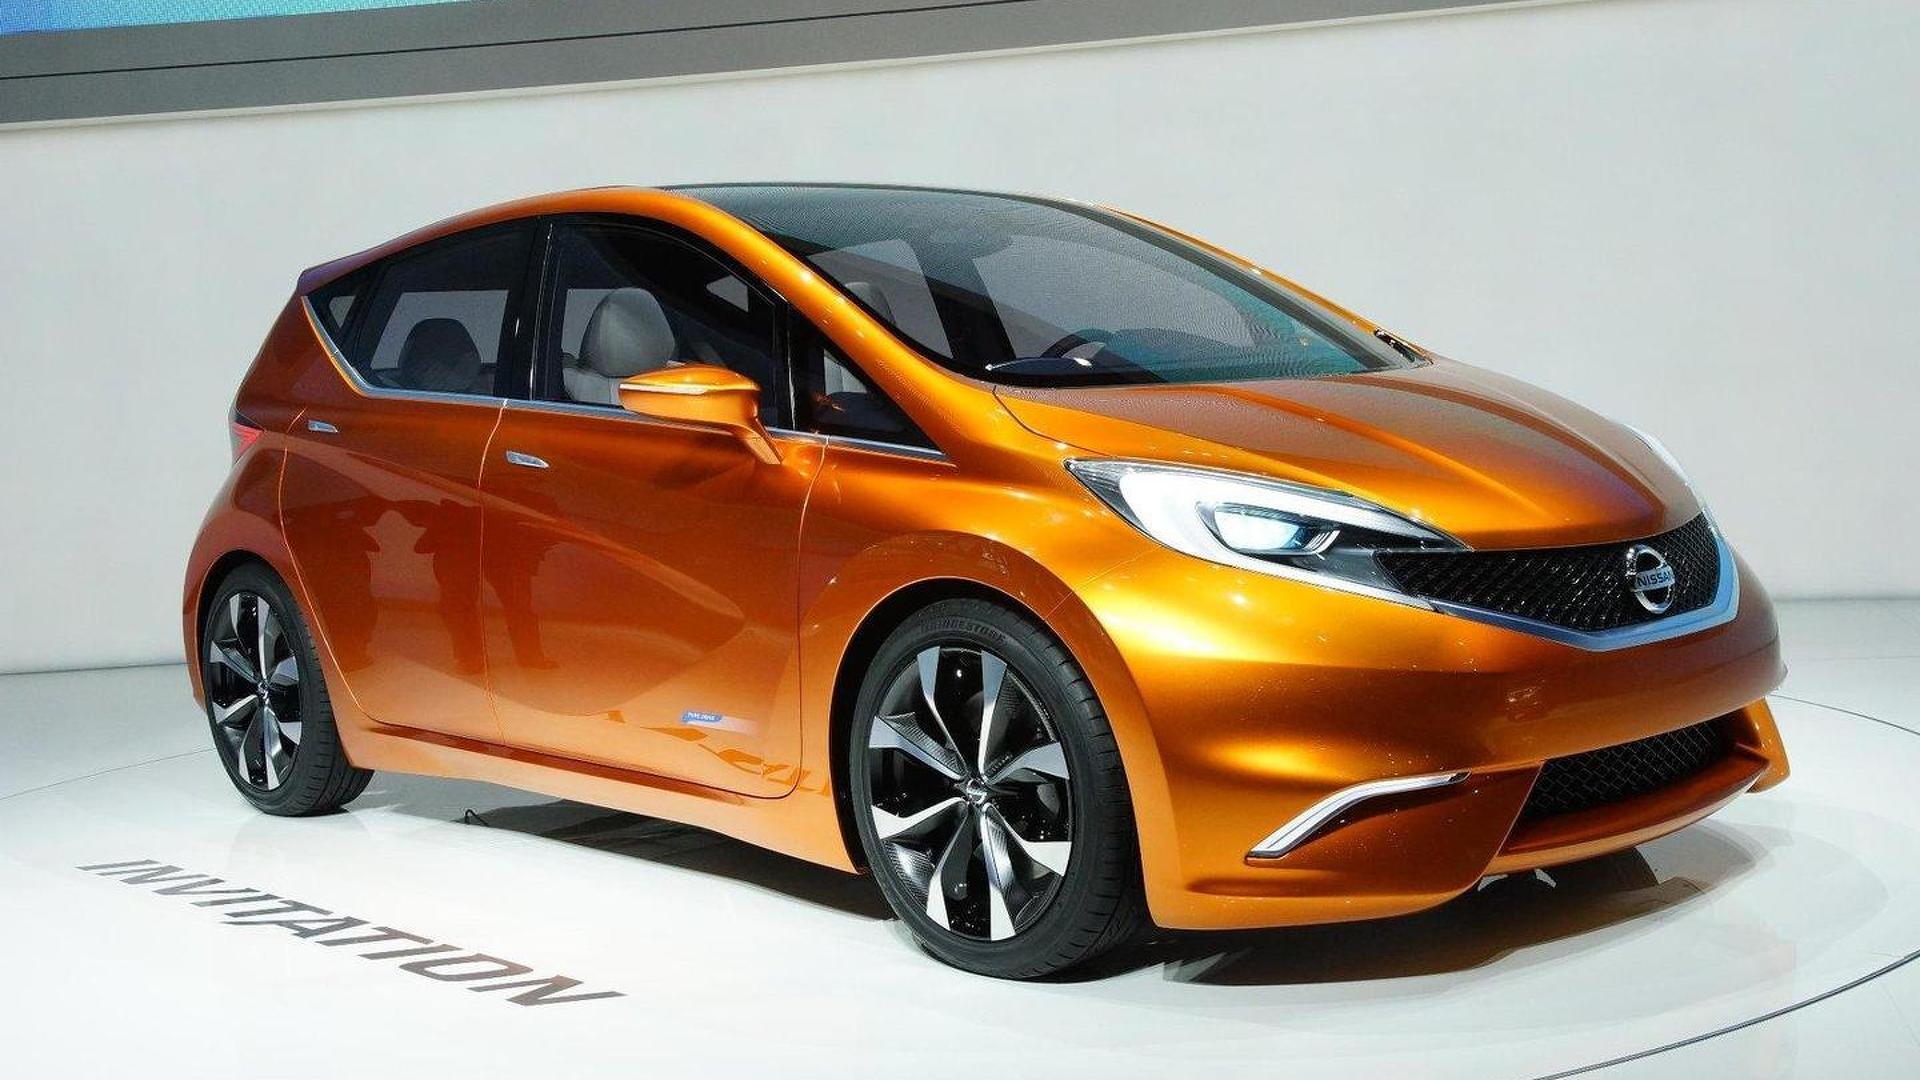 Nissan preparing Golf, Focus rival due in 2014 - report